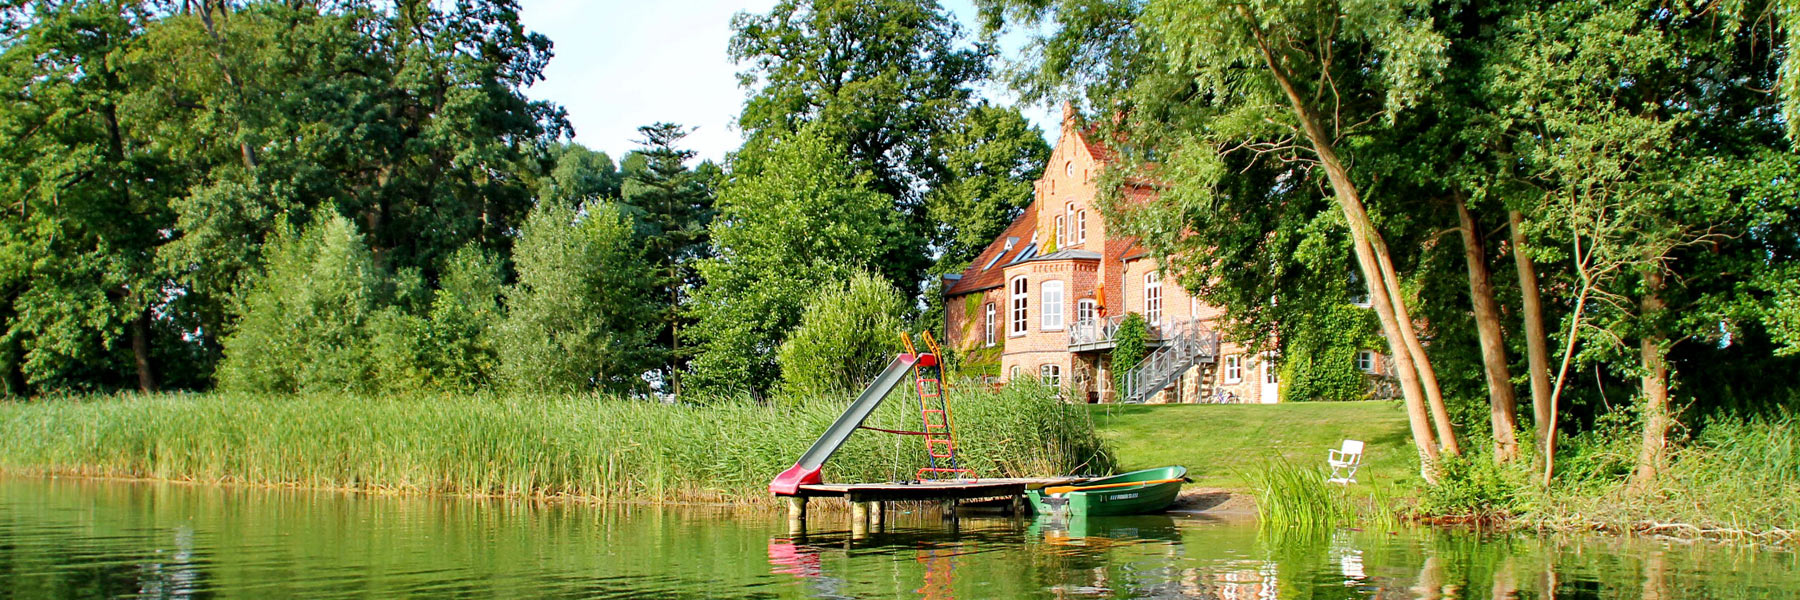 Seeseite - Ferien am Hofsee